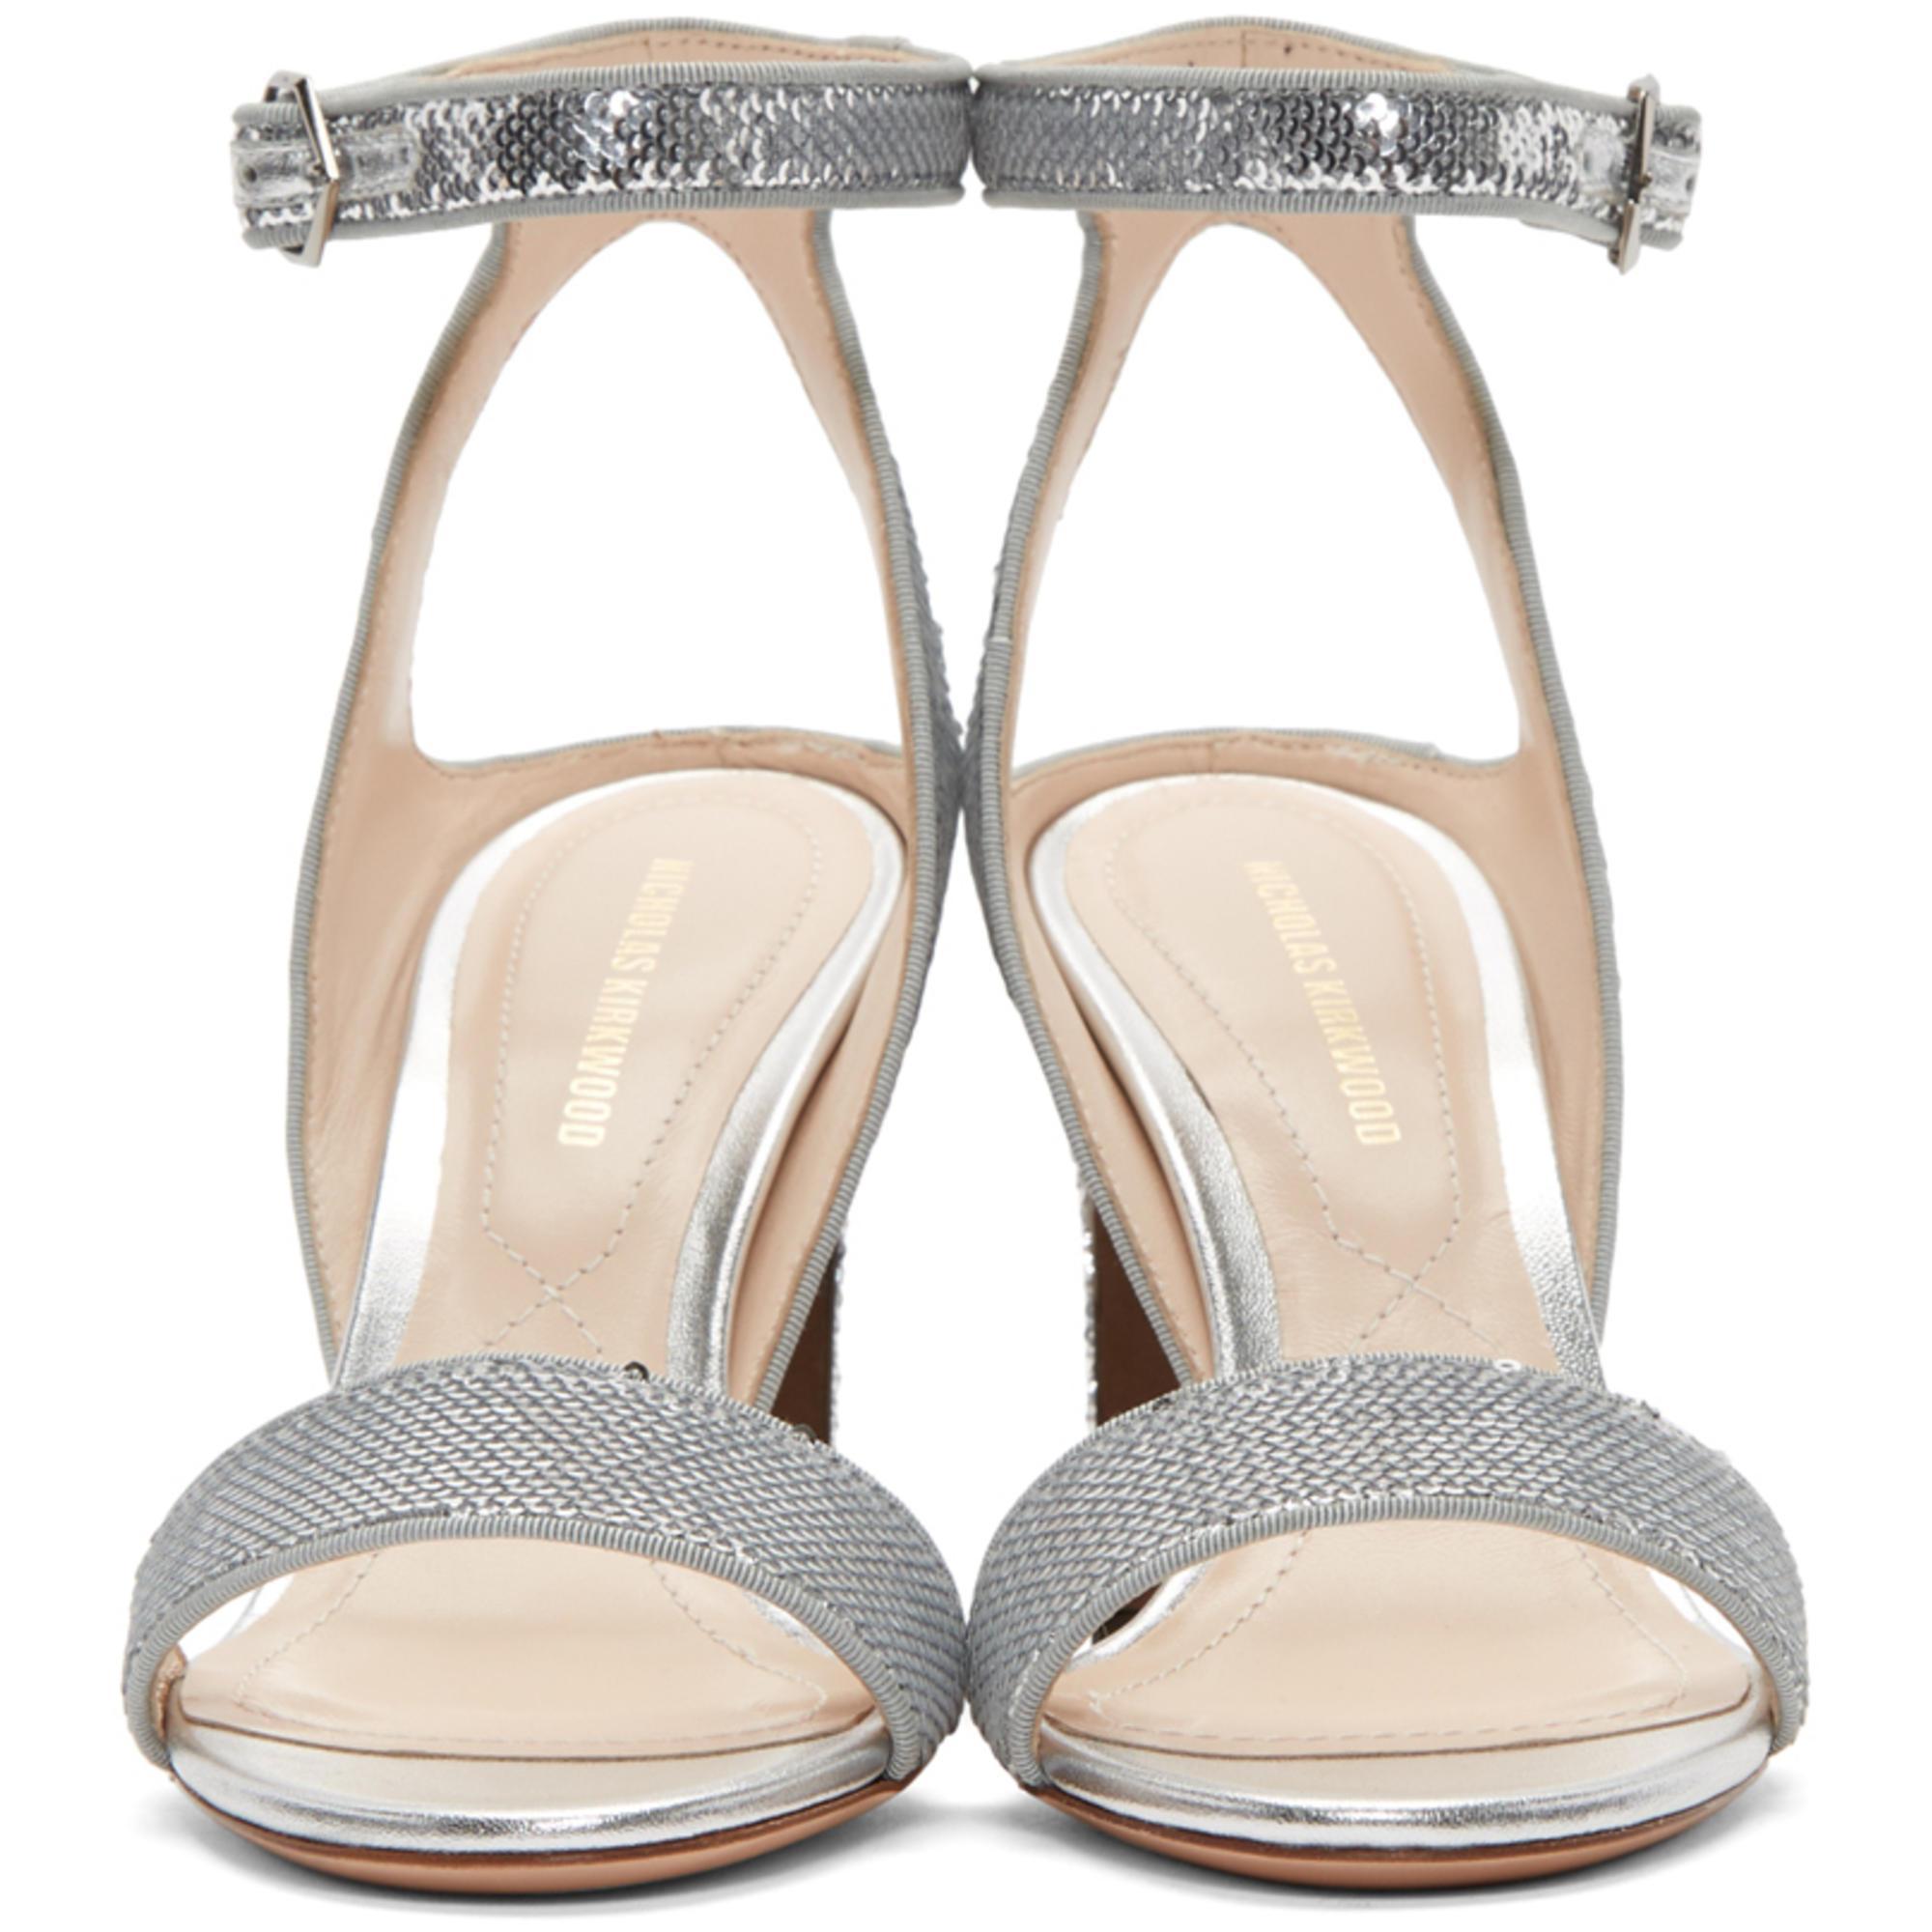 f622b96f419 Lyst - Nicholas Kirkwood Silver Sequin Lola Pearl Sandals in Metallic